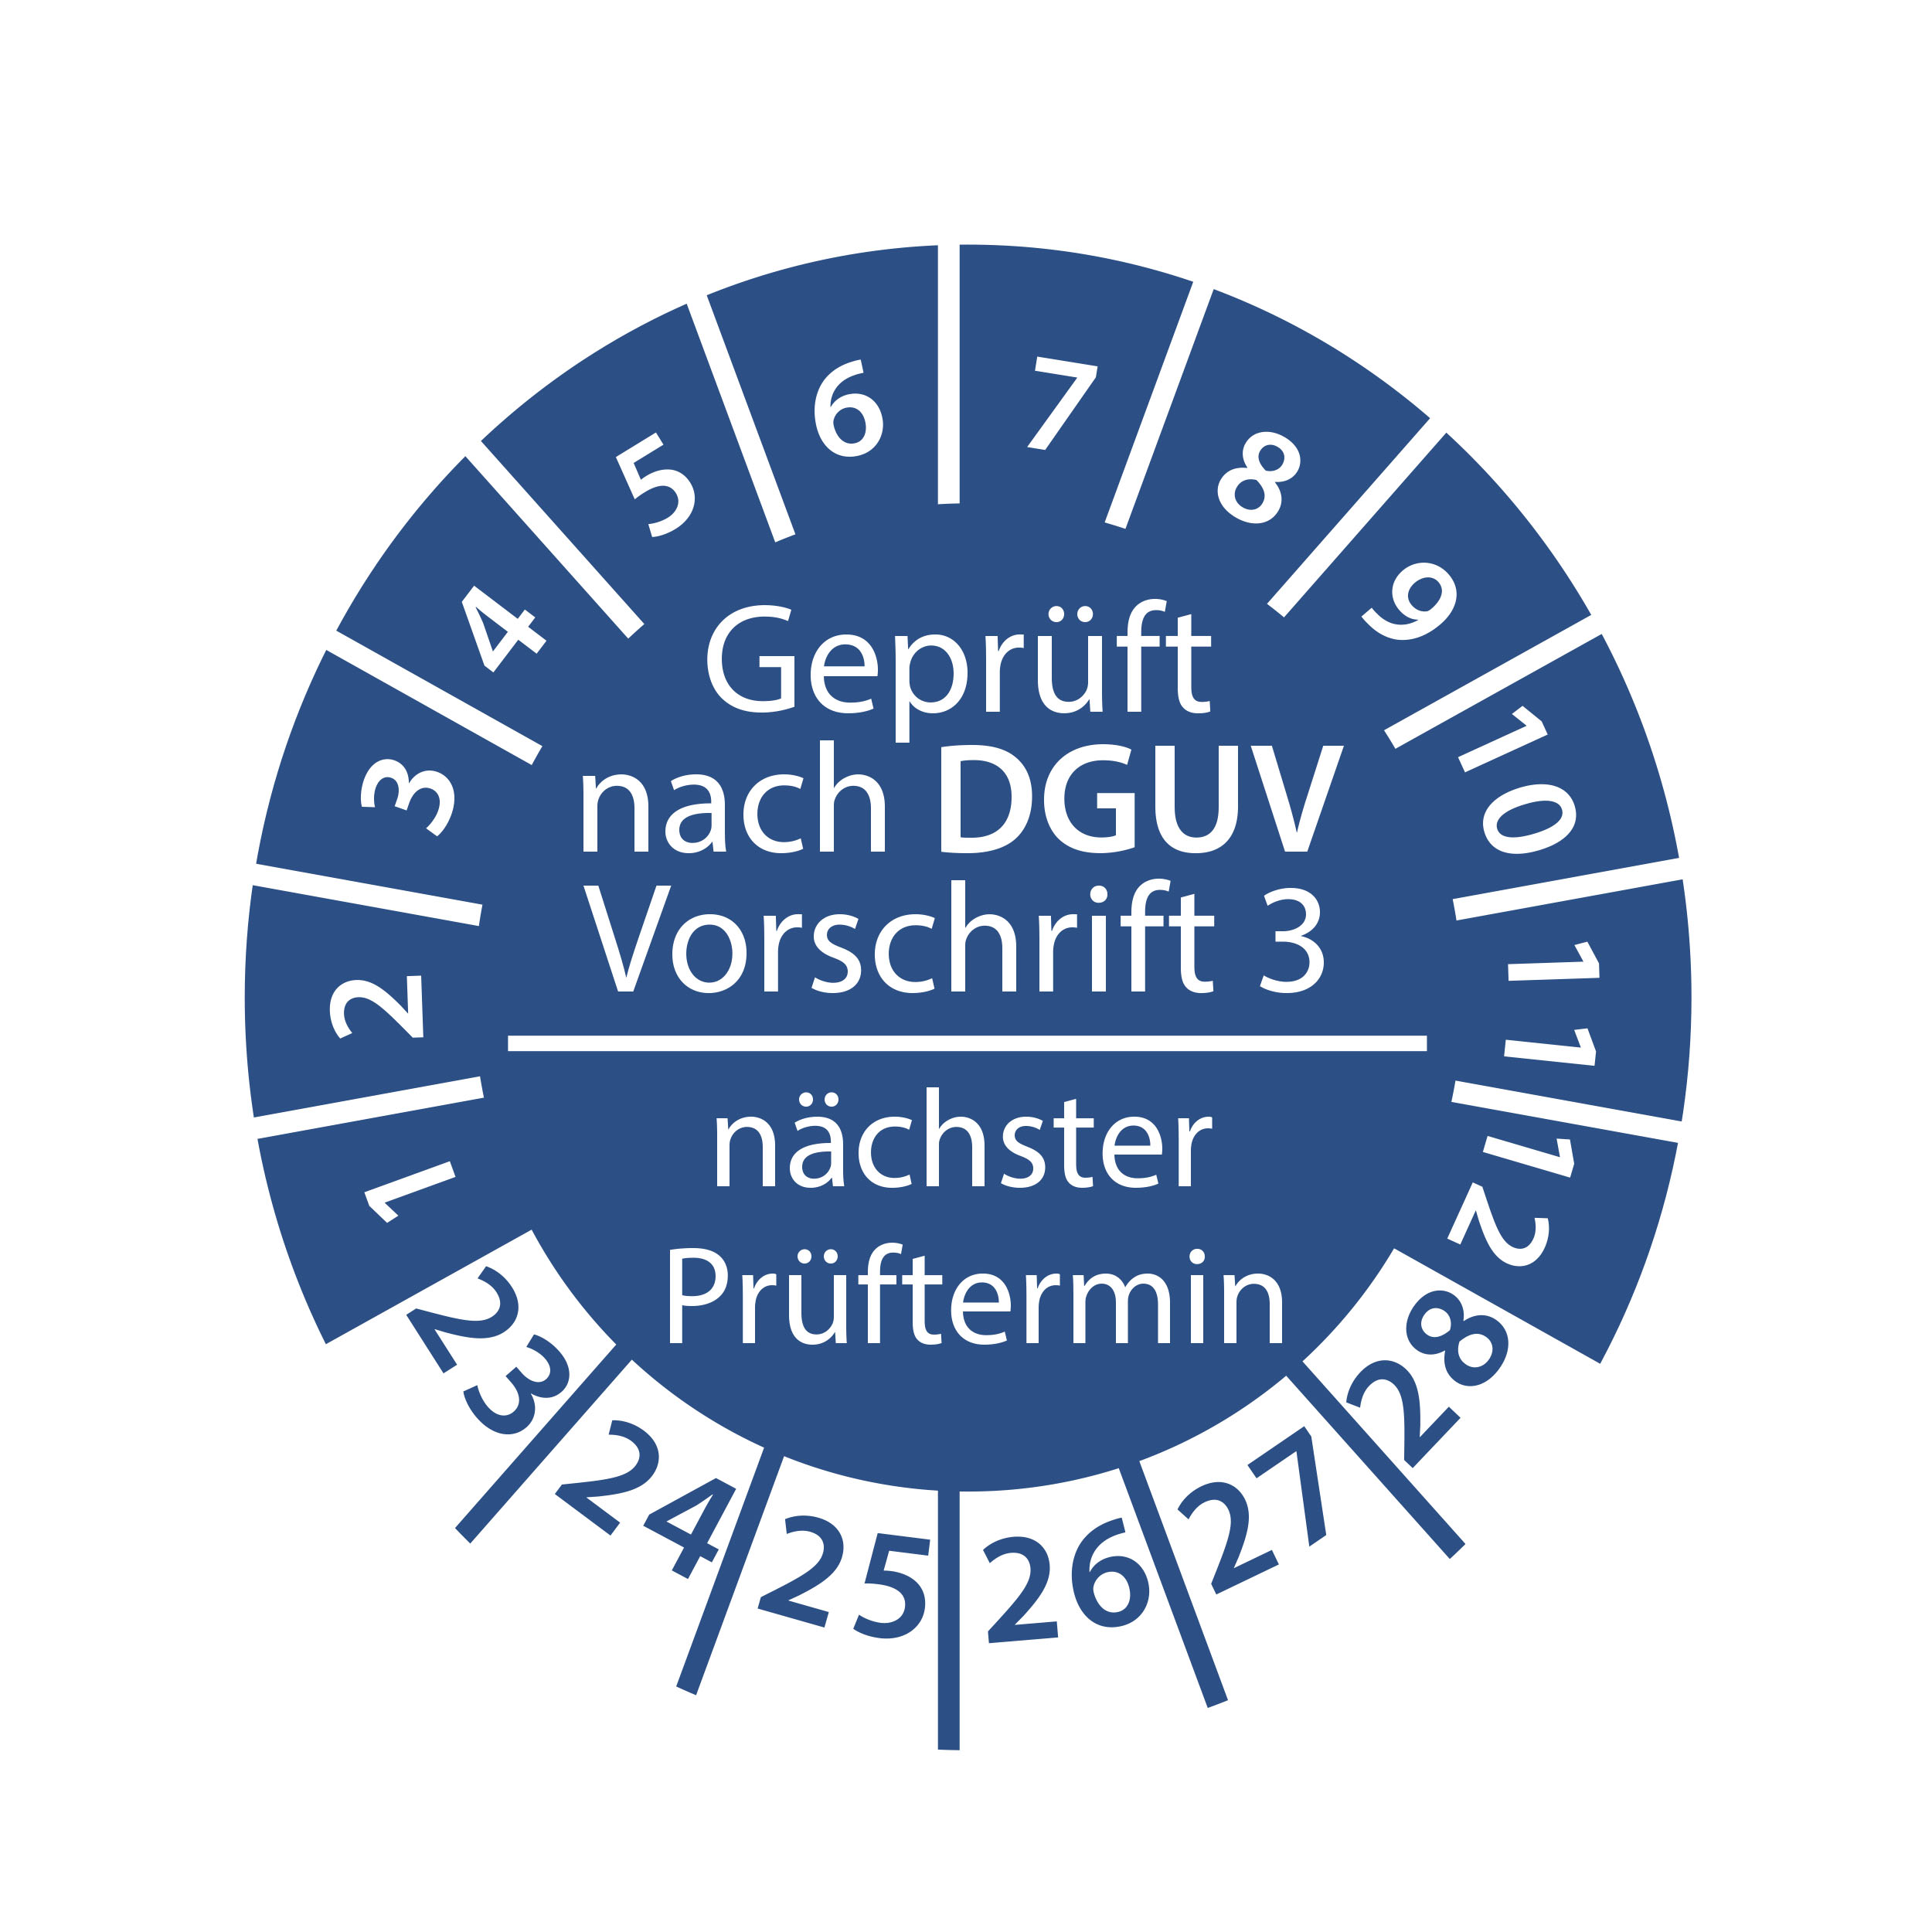 Prüfplakette geprüft nach DGUV Vorschrift 3 nächster Prüftermin 2023-2028 Ø 30mm Rund Gelb / Blau Prüfetikett Prüfaufkleber